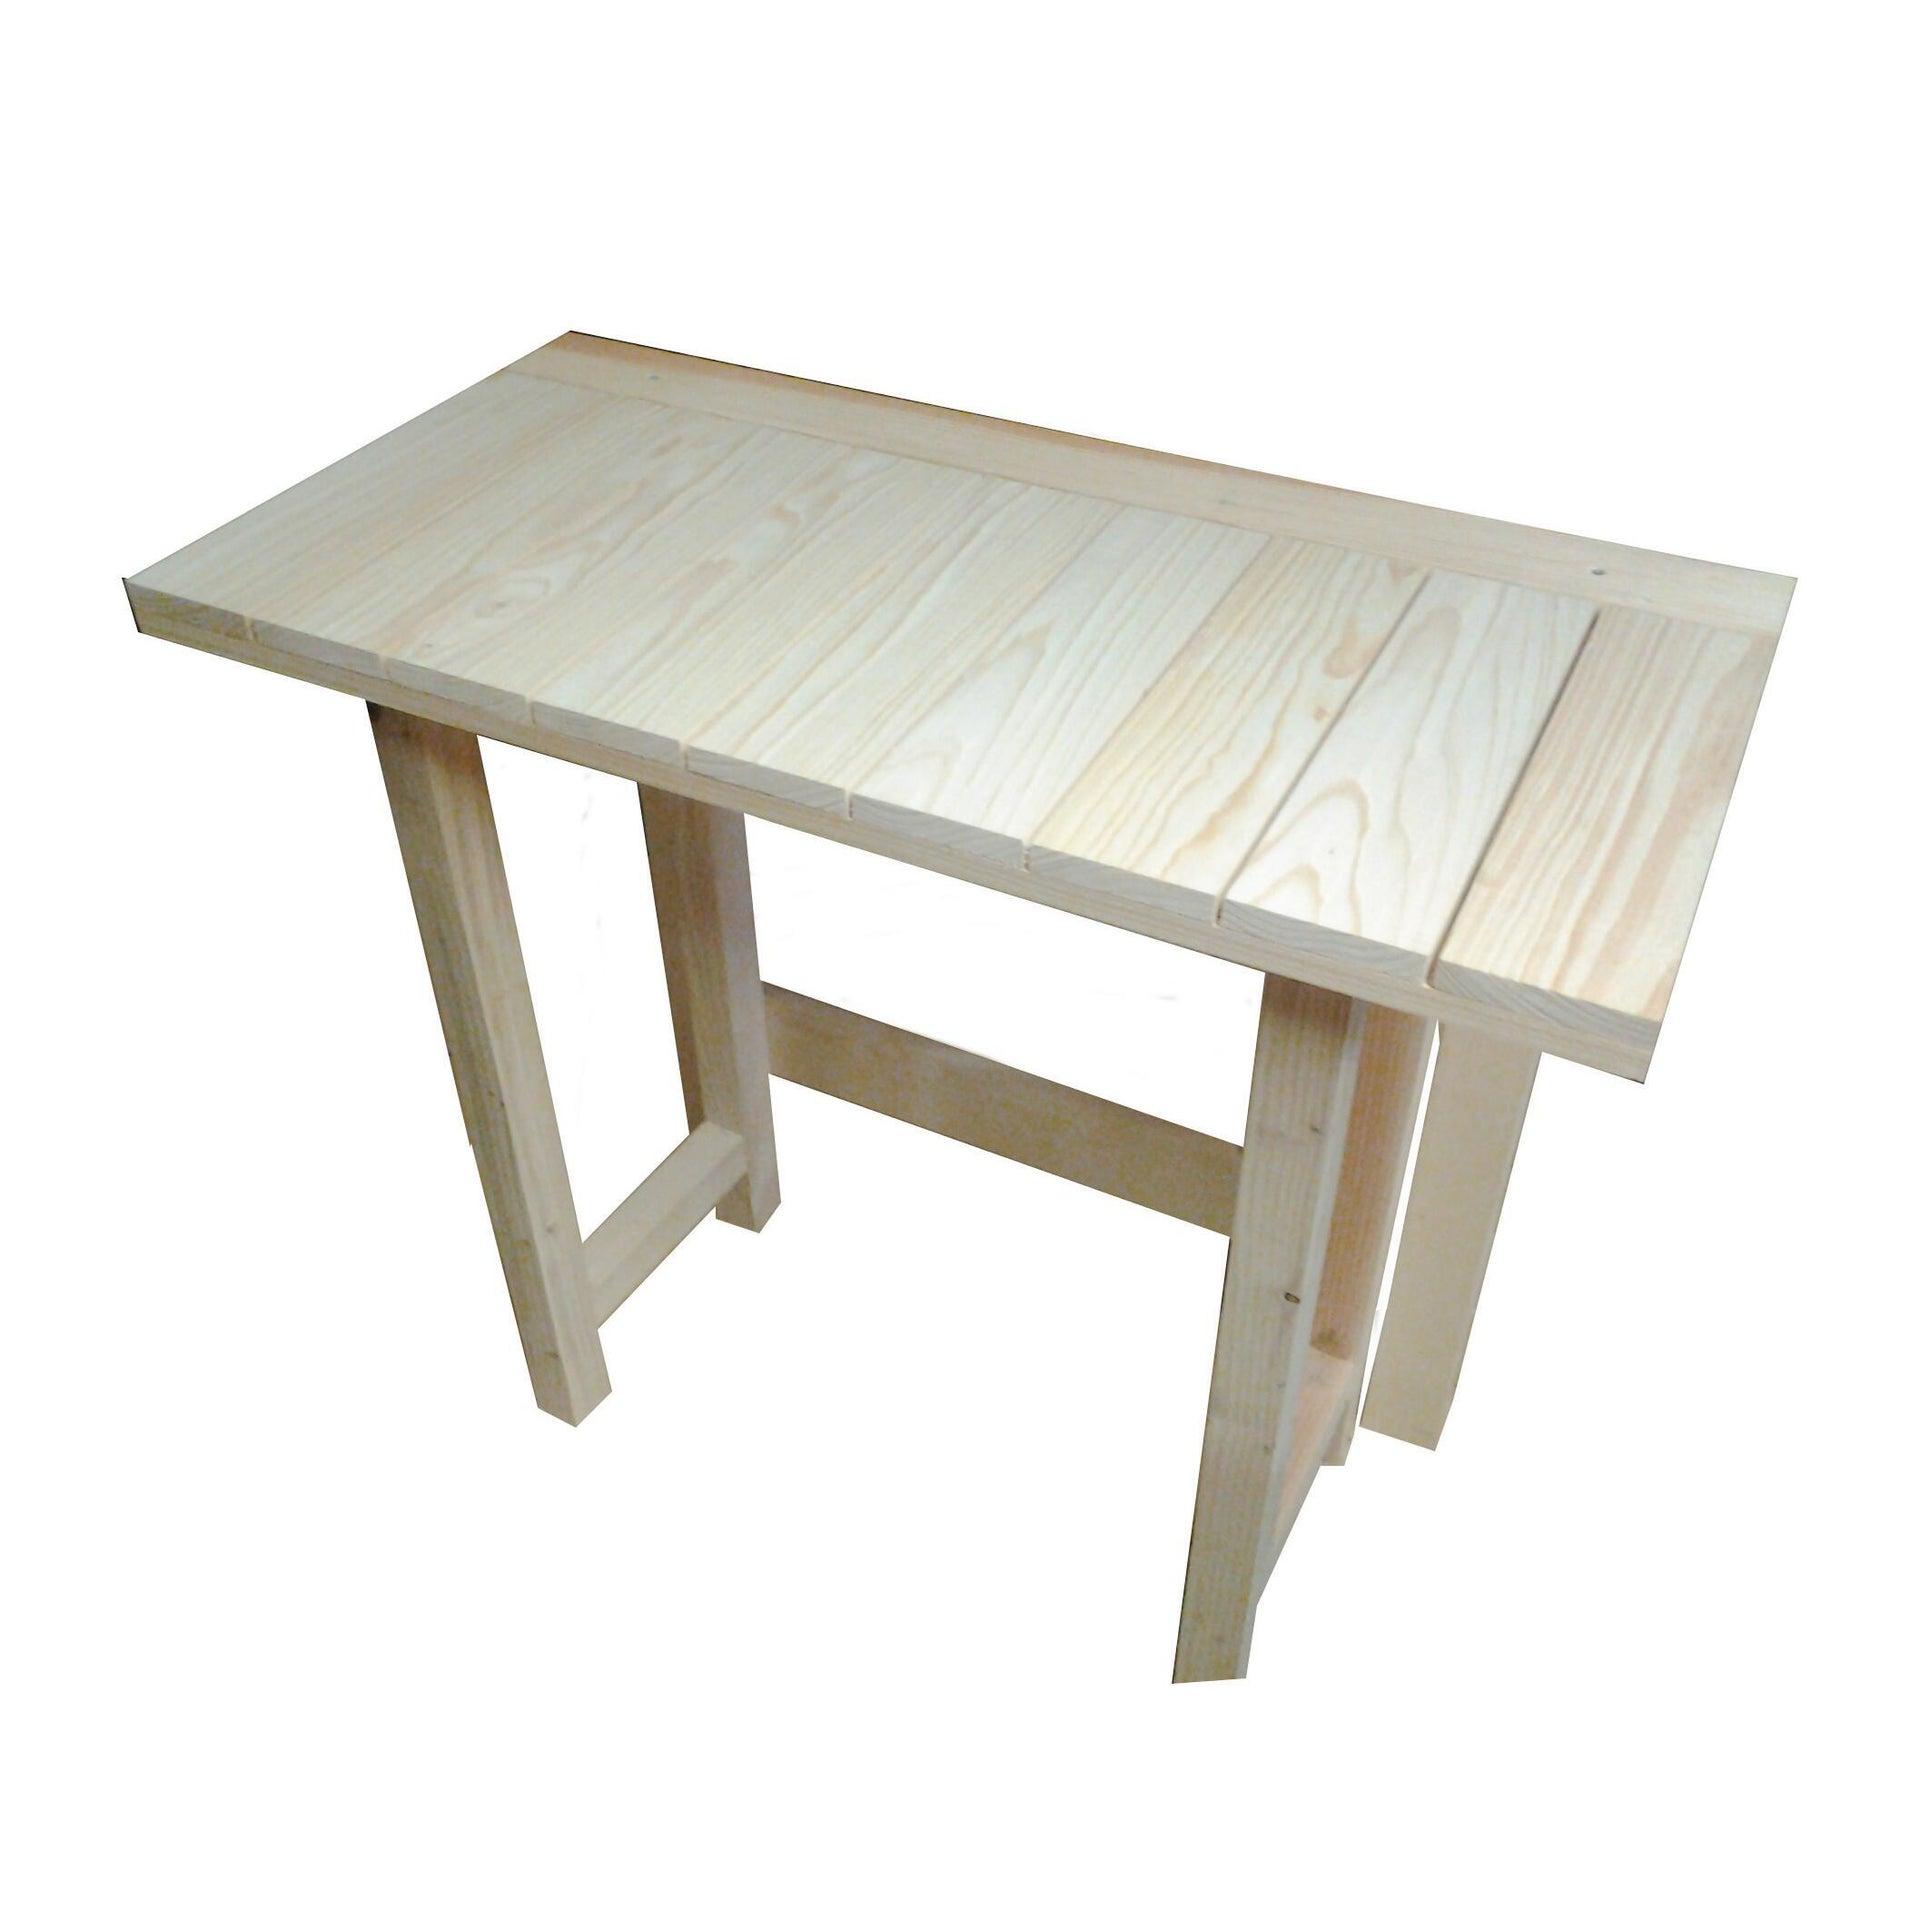 Tavolo da giardino rettangolare Abete con piano in legno L 50 x P 100 cm - 3